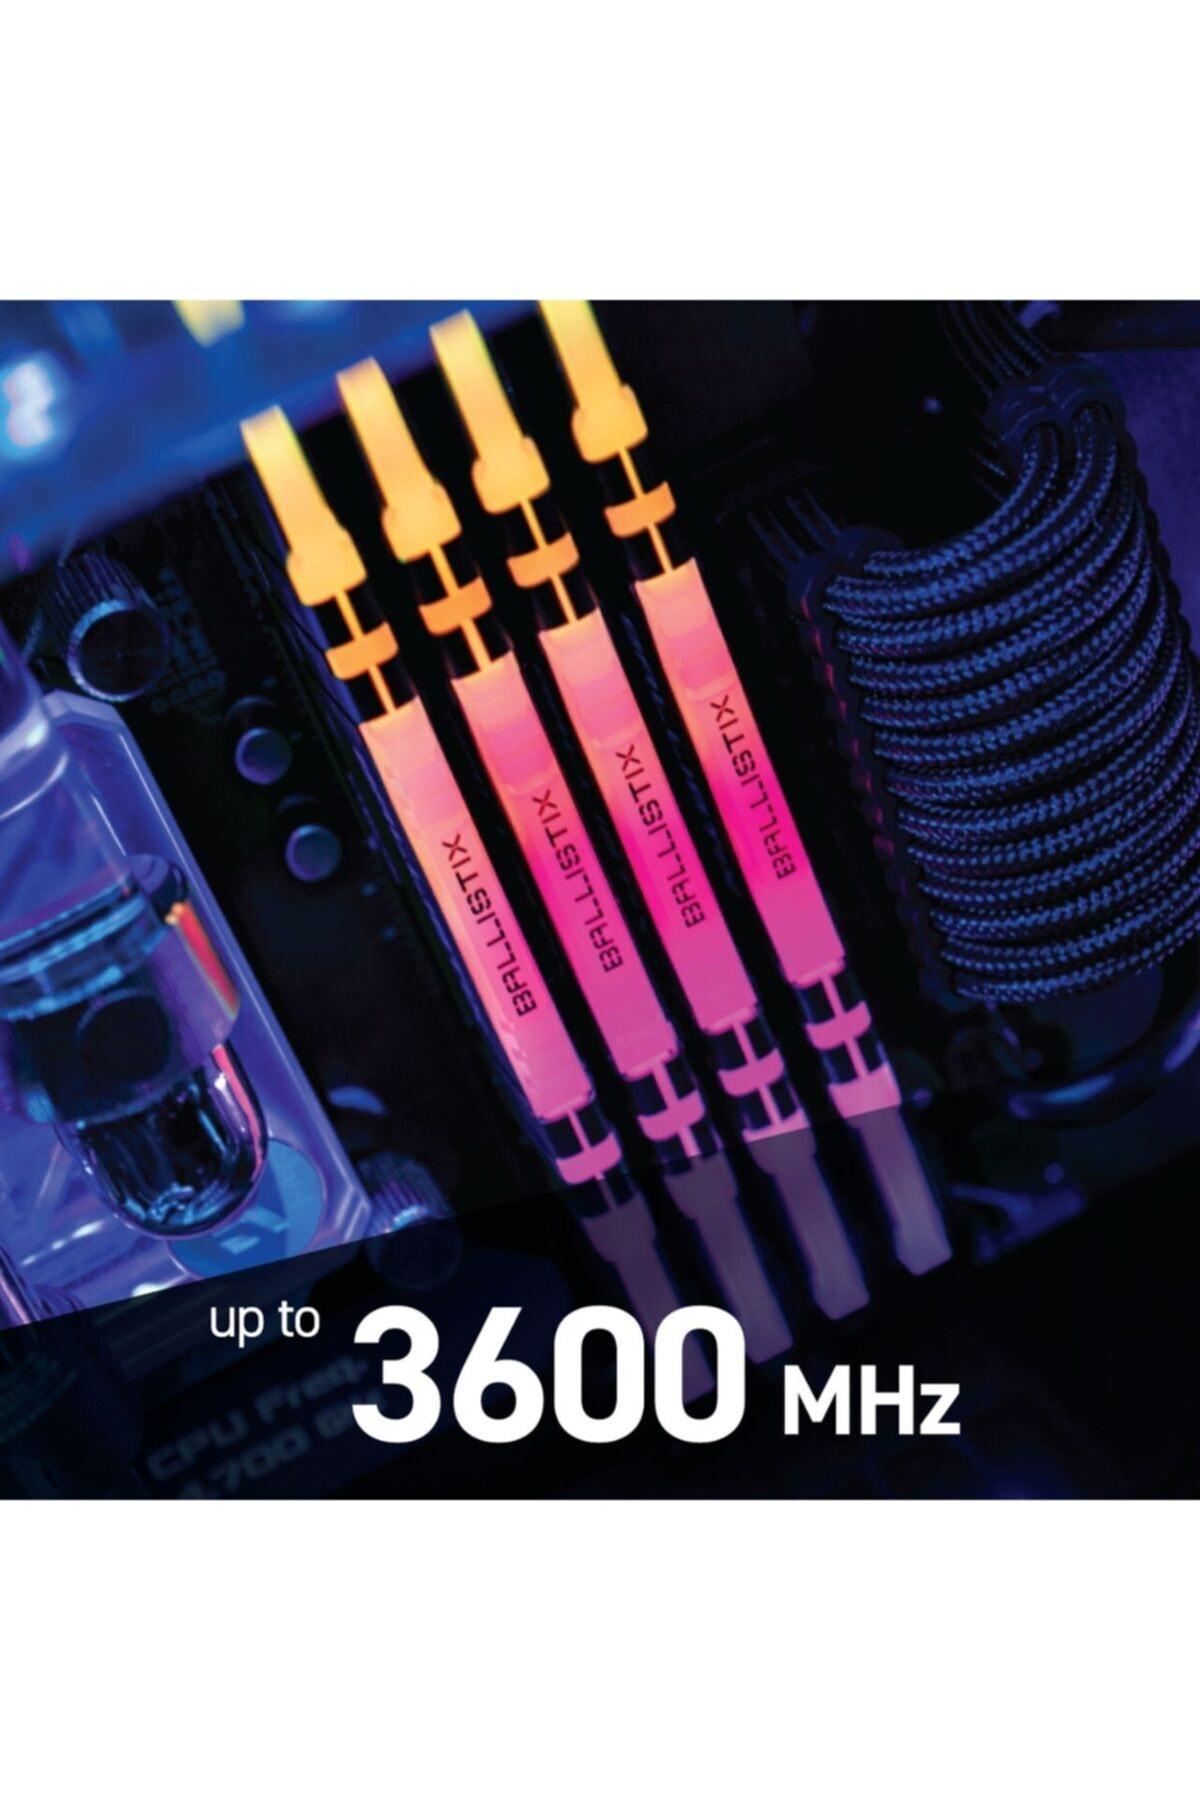 BALLISTIX Crucial Ballistix Bl2k8g36c16u4bl 16 Gb Ddr4 3600mhz Rgb Pc Ram Bellek Cl16(2x8gbkit)